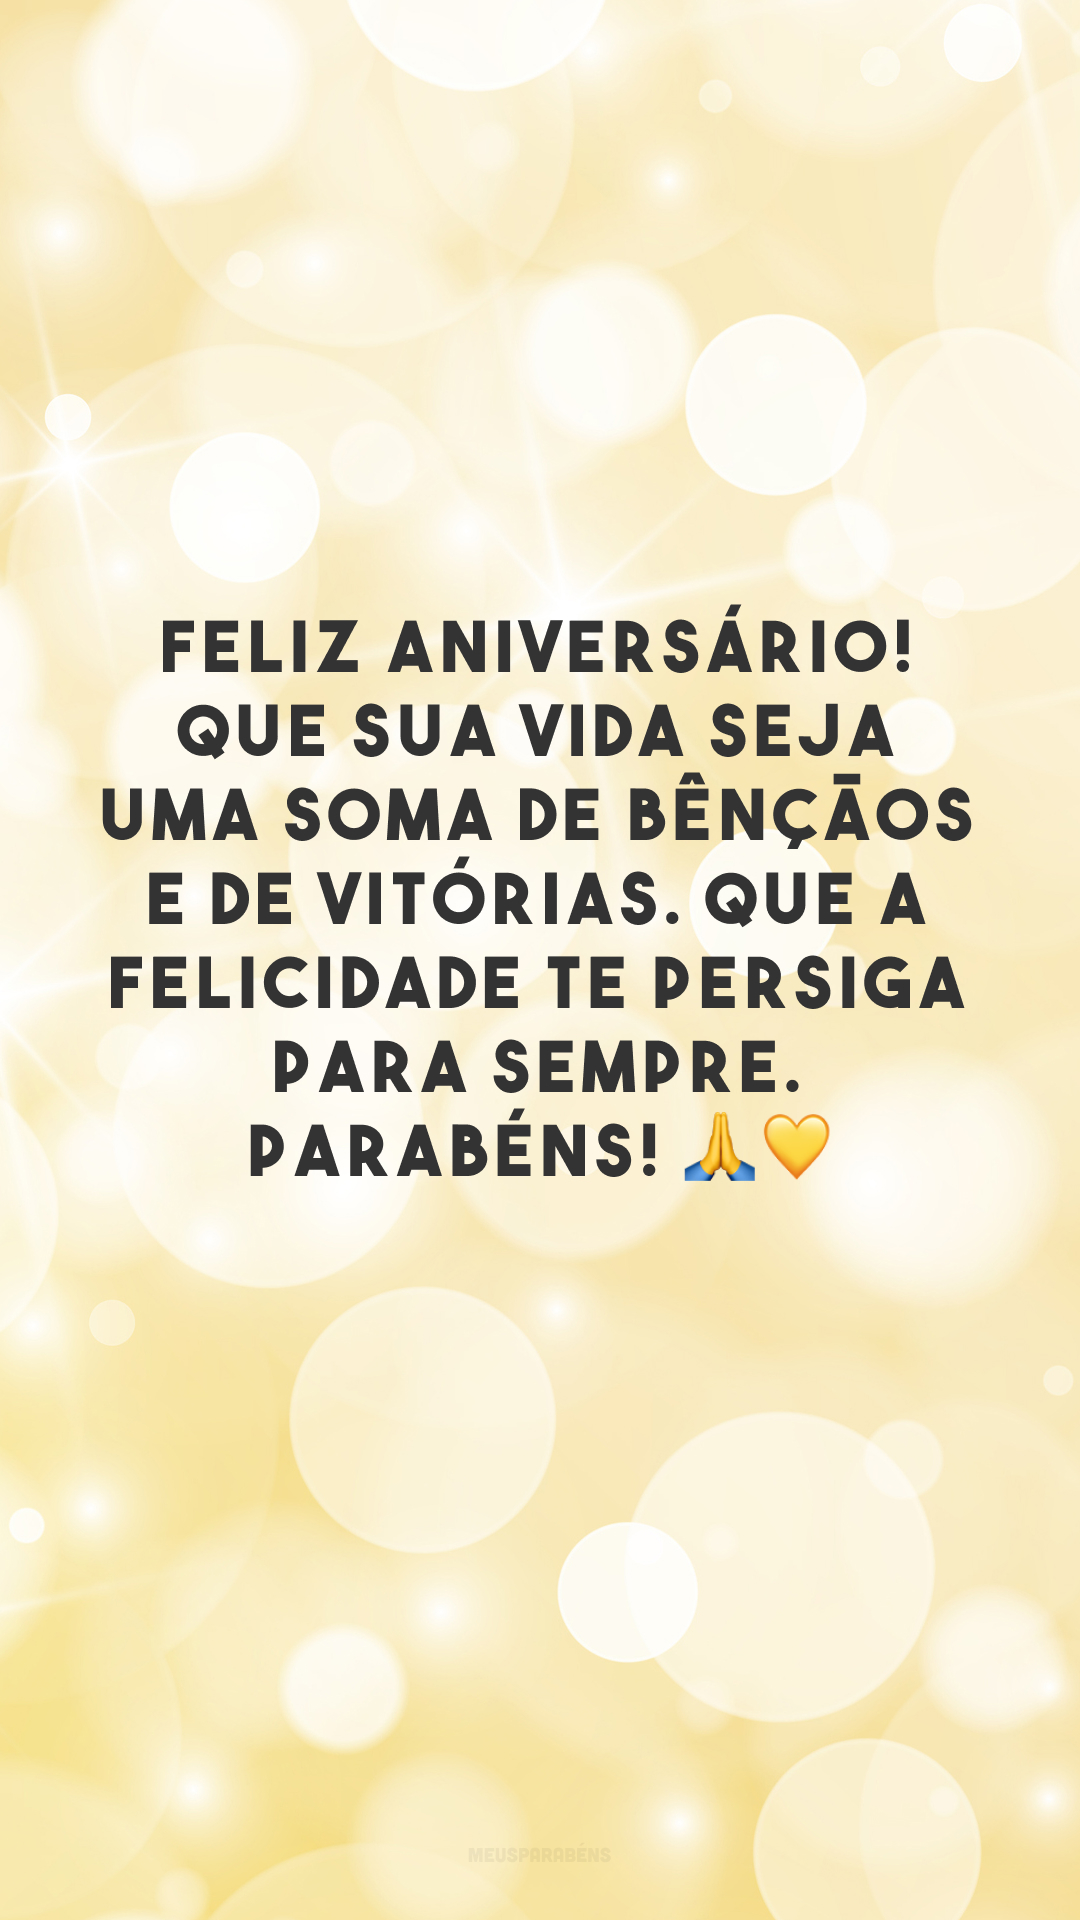 Feliz aniversário! Que sua vida seja uma soma de bênçãos e de vitórias. Que a felicidade te persiga para sempre. Parabéns! ??